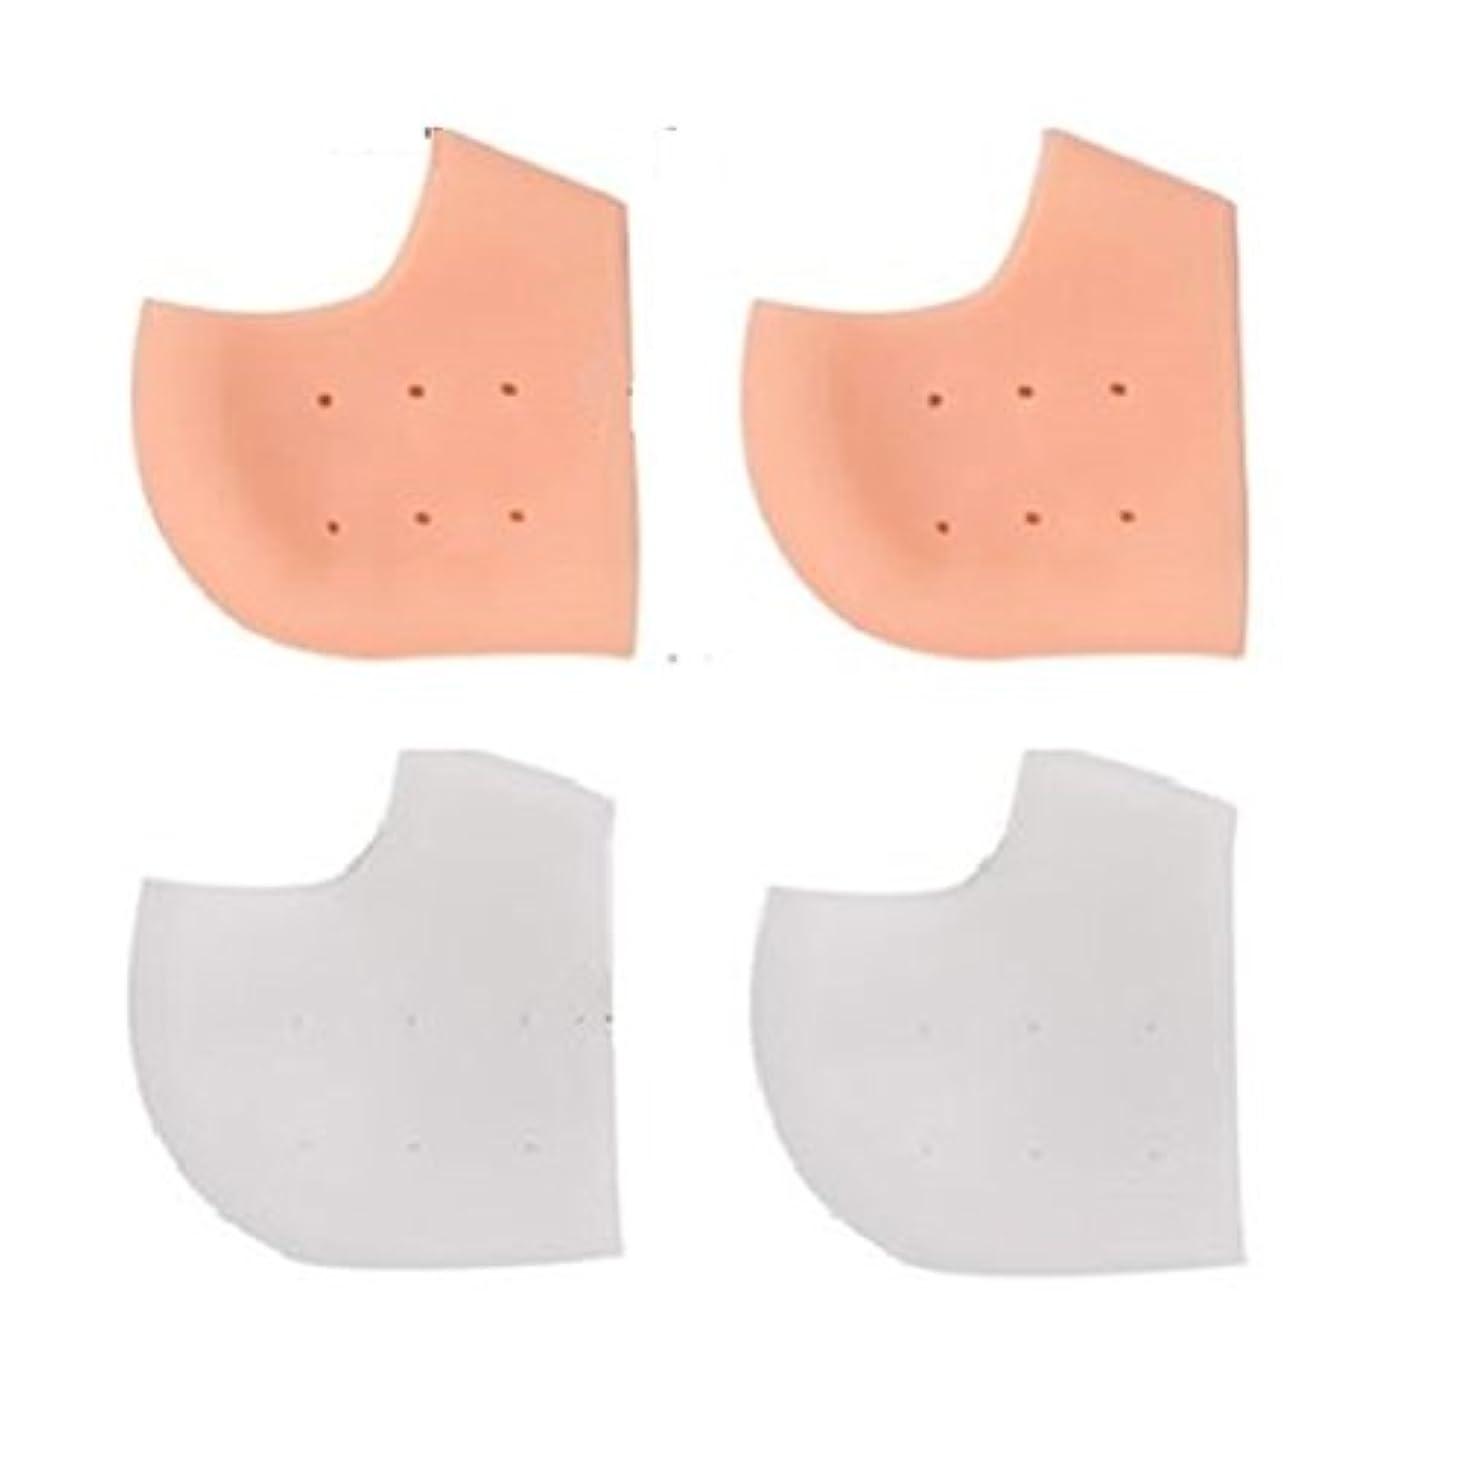 重要な役割を果たす、中心的な手段となる反発空港パンプス ヒール かかとインソール かかと保護カバー 足底筋膜炎 痛み緩和 角質ケア 保湿 美脚 衝撃吸収 かかとサポーター 2色セット 男女兼用 KS202